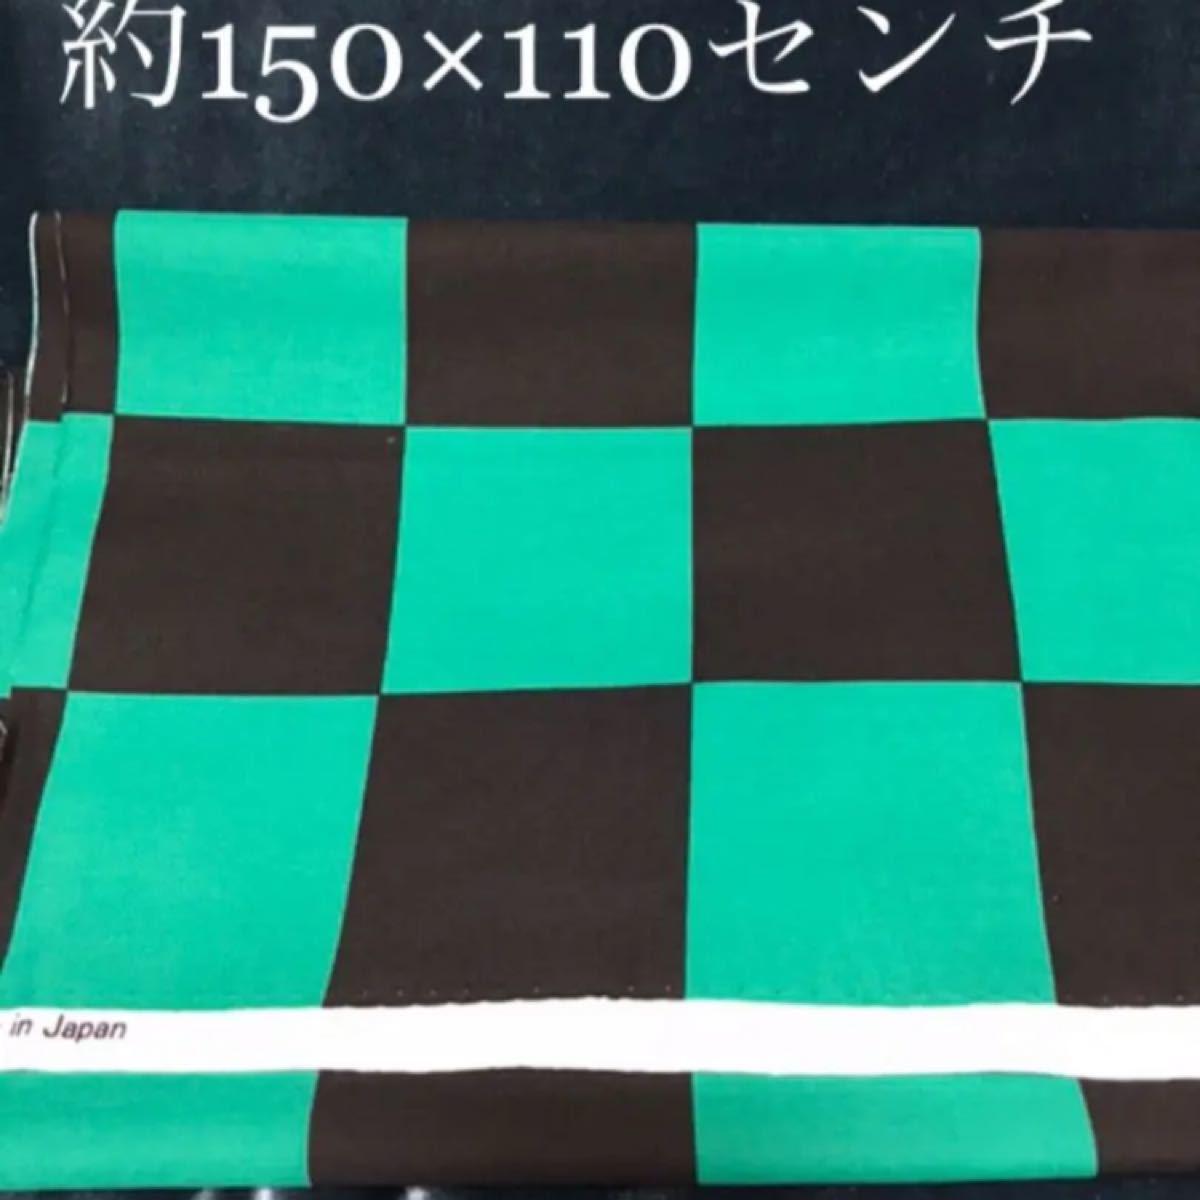 鬼滅の刃 炭次郎柄 布 生地(ブロード生地) 綿100%  150×110センチ